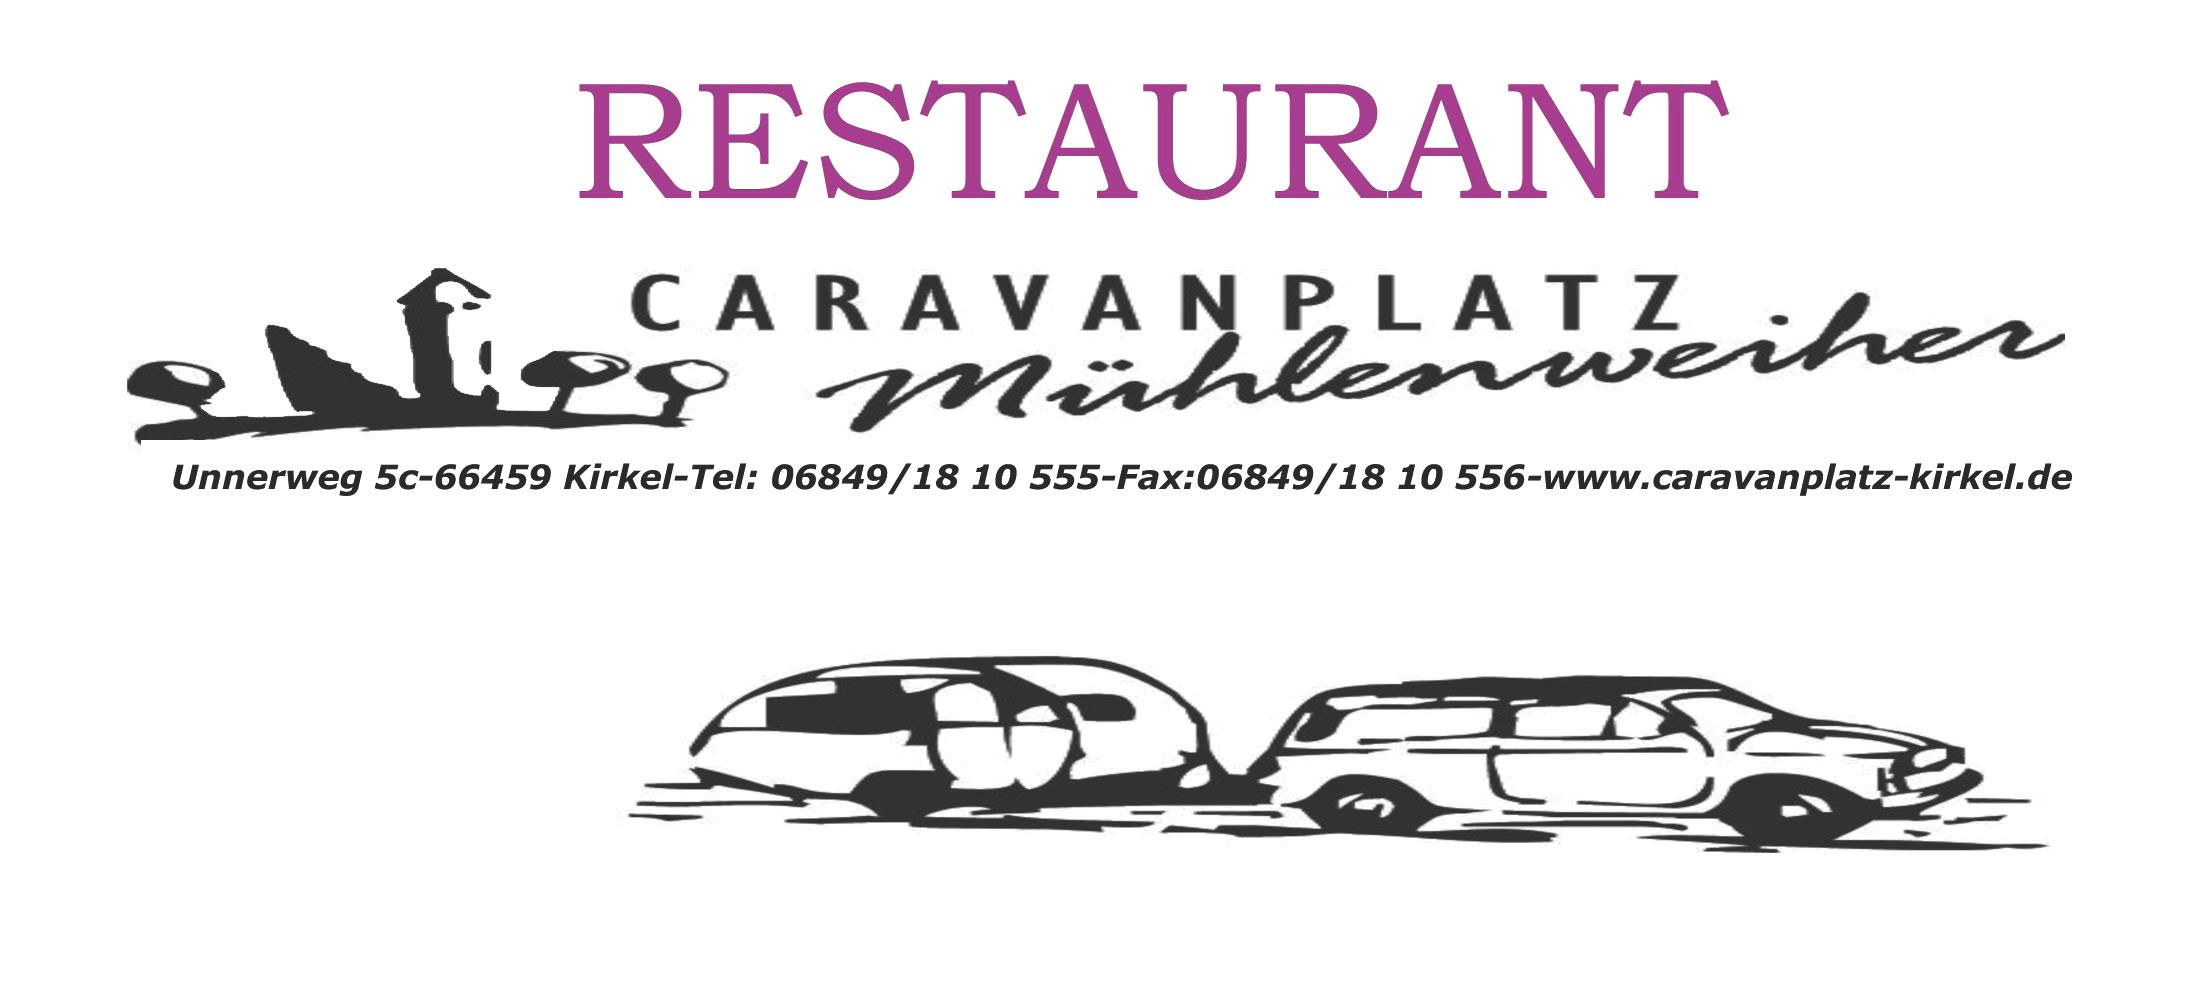 Restaurant Caravanplatz Mühlenweiher